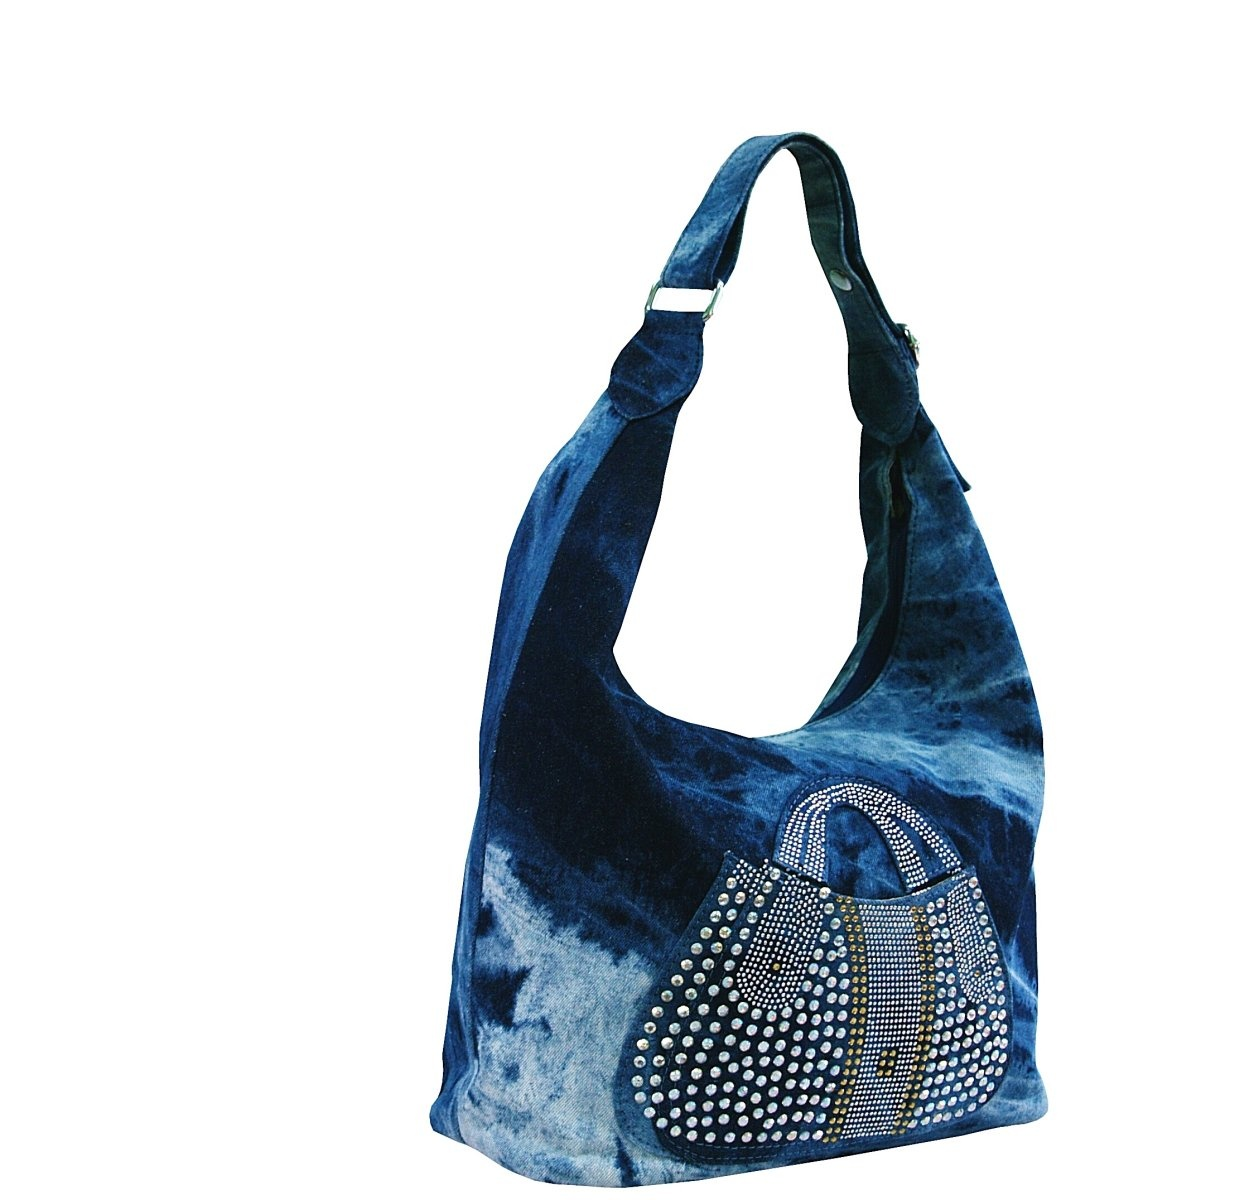 Мужские сумки и барсетки в Краснодаре Сравнить цены